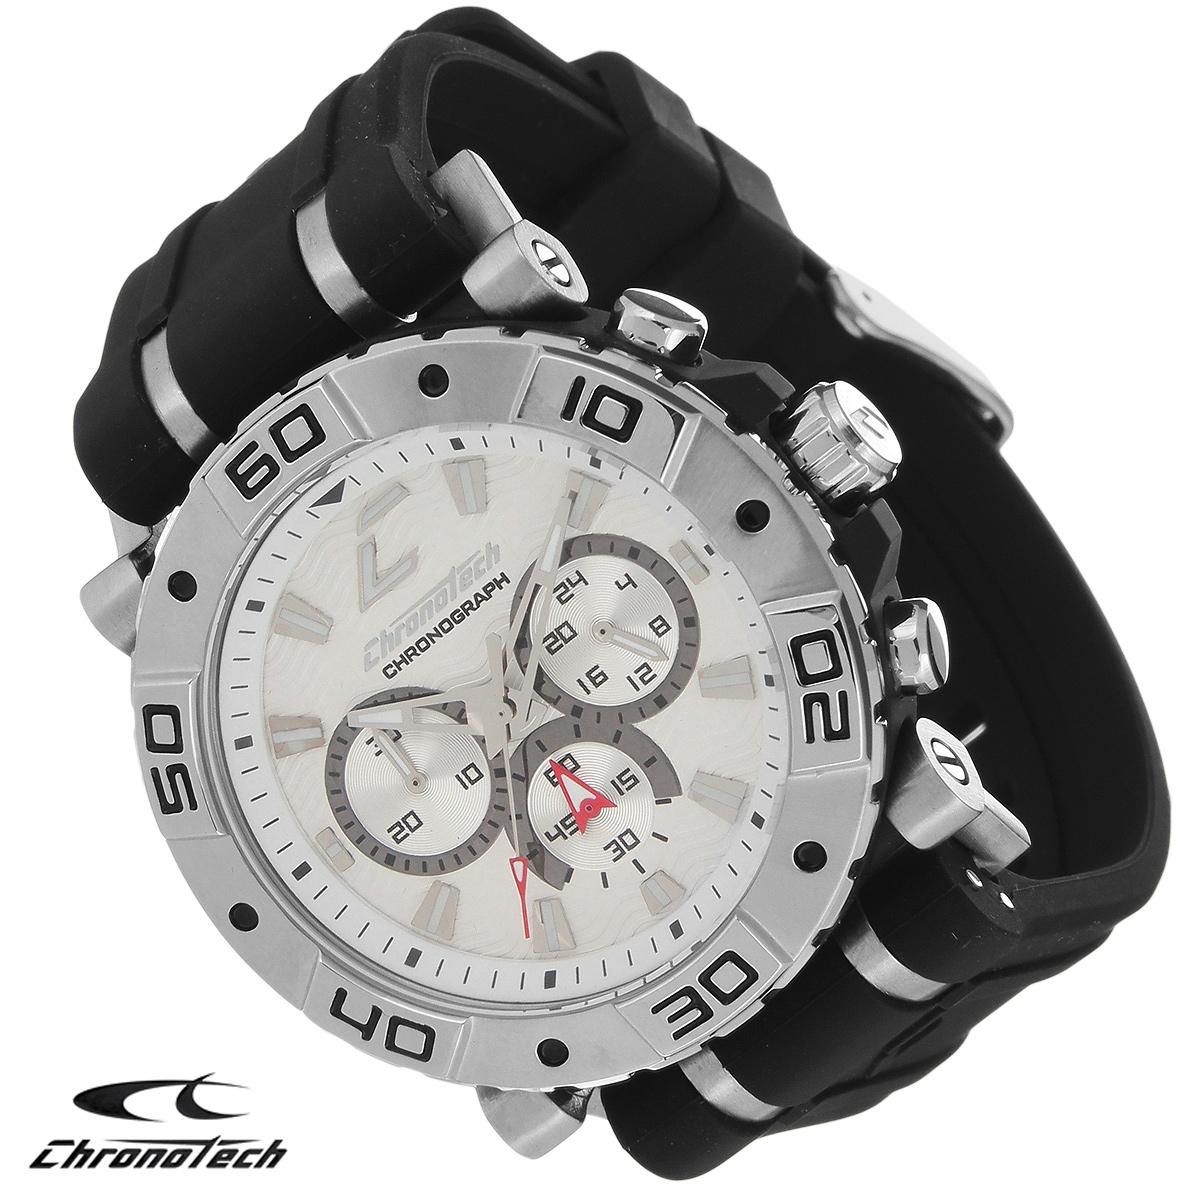 Часы мужские наручные Chronotech, цвет: черный. RW0034RW0034Часы Chronotech - это часы для современных и стильных людей, которые стремятся выделиться из толпы и подчеркнуть свою индивидуальность. Корпус часов выполнен из нержавеющей стали. Циферблат оформлен отметками и защищен минеральным стеклом. Часы имеют три стрелки - часовую, минутную и секундную. Стрелки и отметки светятся в темноте. Ремешок часов выполнен из каучука и застегивается на классическую застежку. Часы выполнены в спортивном стиле. Часы упакованы в фирменную коробку с логотипом компании Chronotech. Такой аксессуар добавит вашему образу стиля и подчеркнет безупречный вкус своего владельца. Характеристики: Диаметр циферблата: 3,3 см. Размер корпуса: 4,5 см х 4 см х 1 см. Длина ремешка (с корпусом): 24,5 см. Ширина ремешка: 2,4 см.